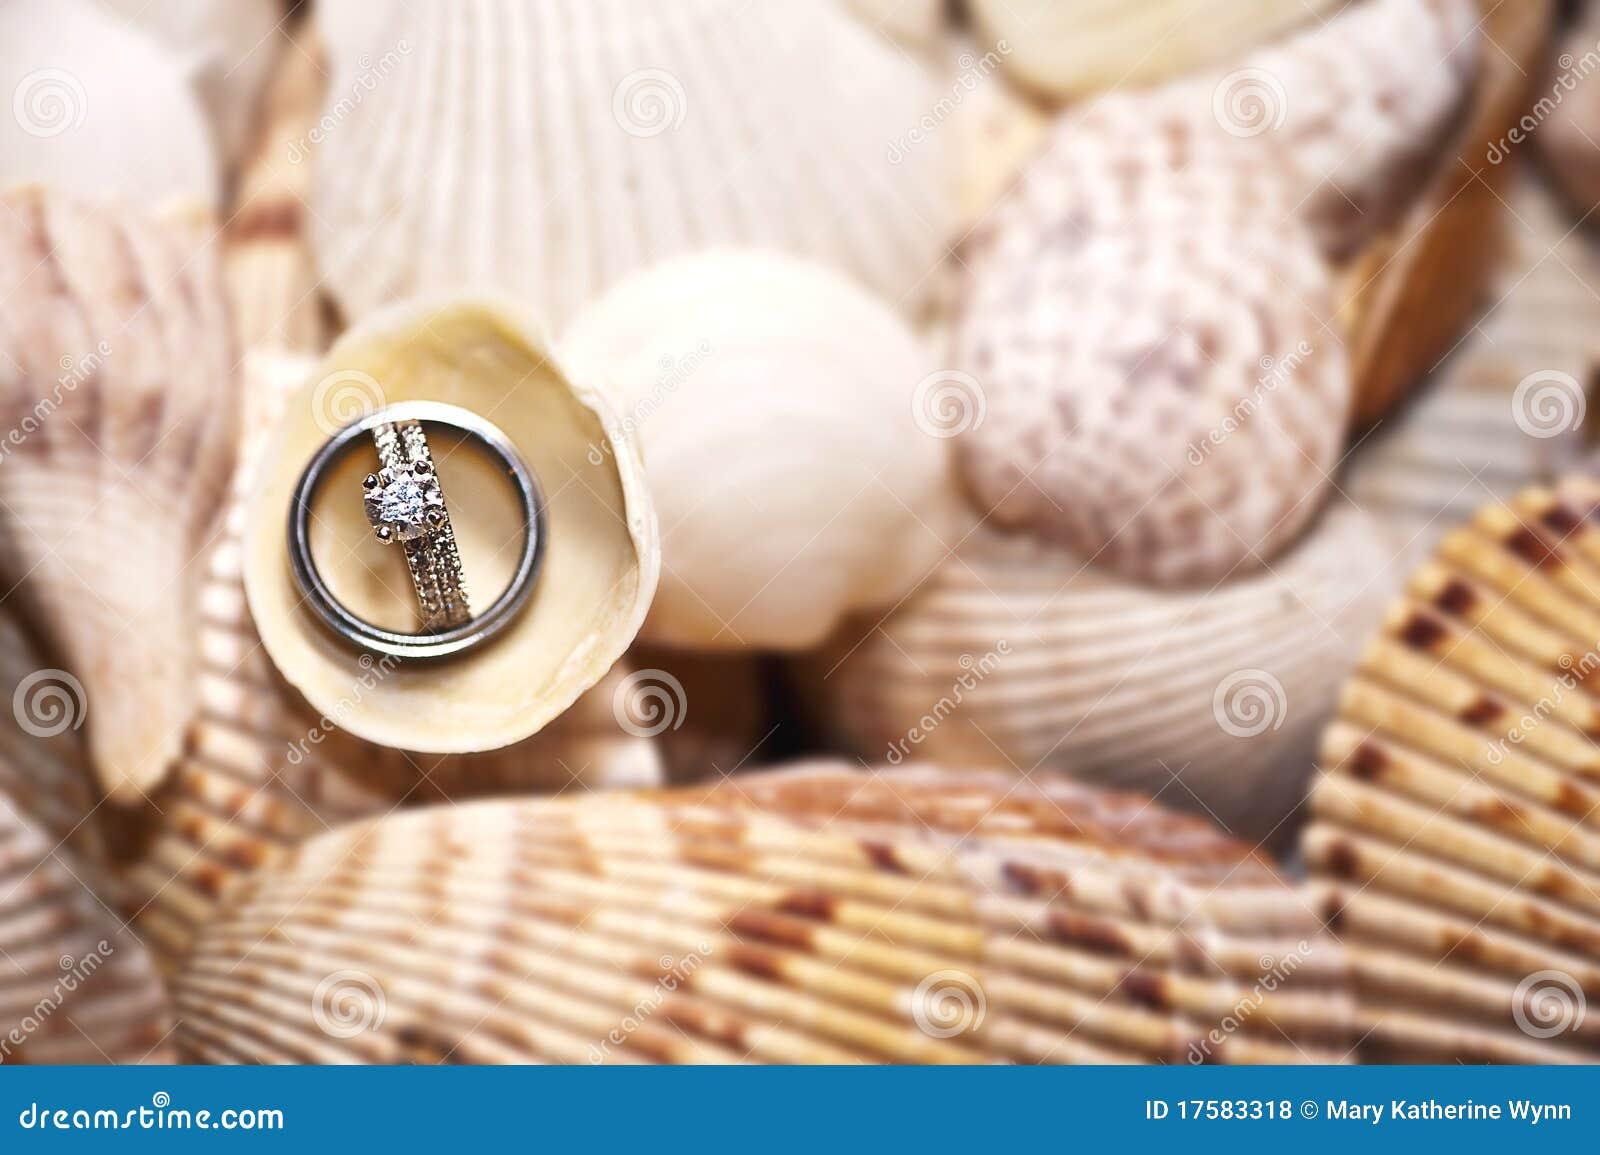 Anéis de casamento em escudos